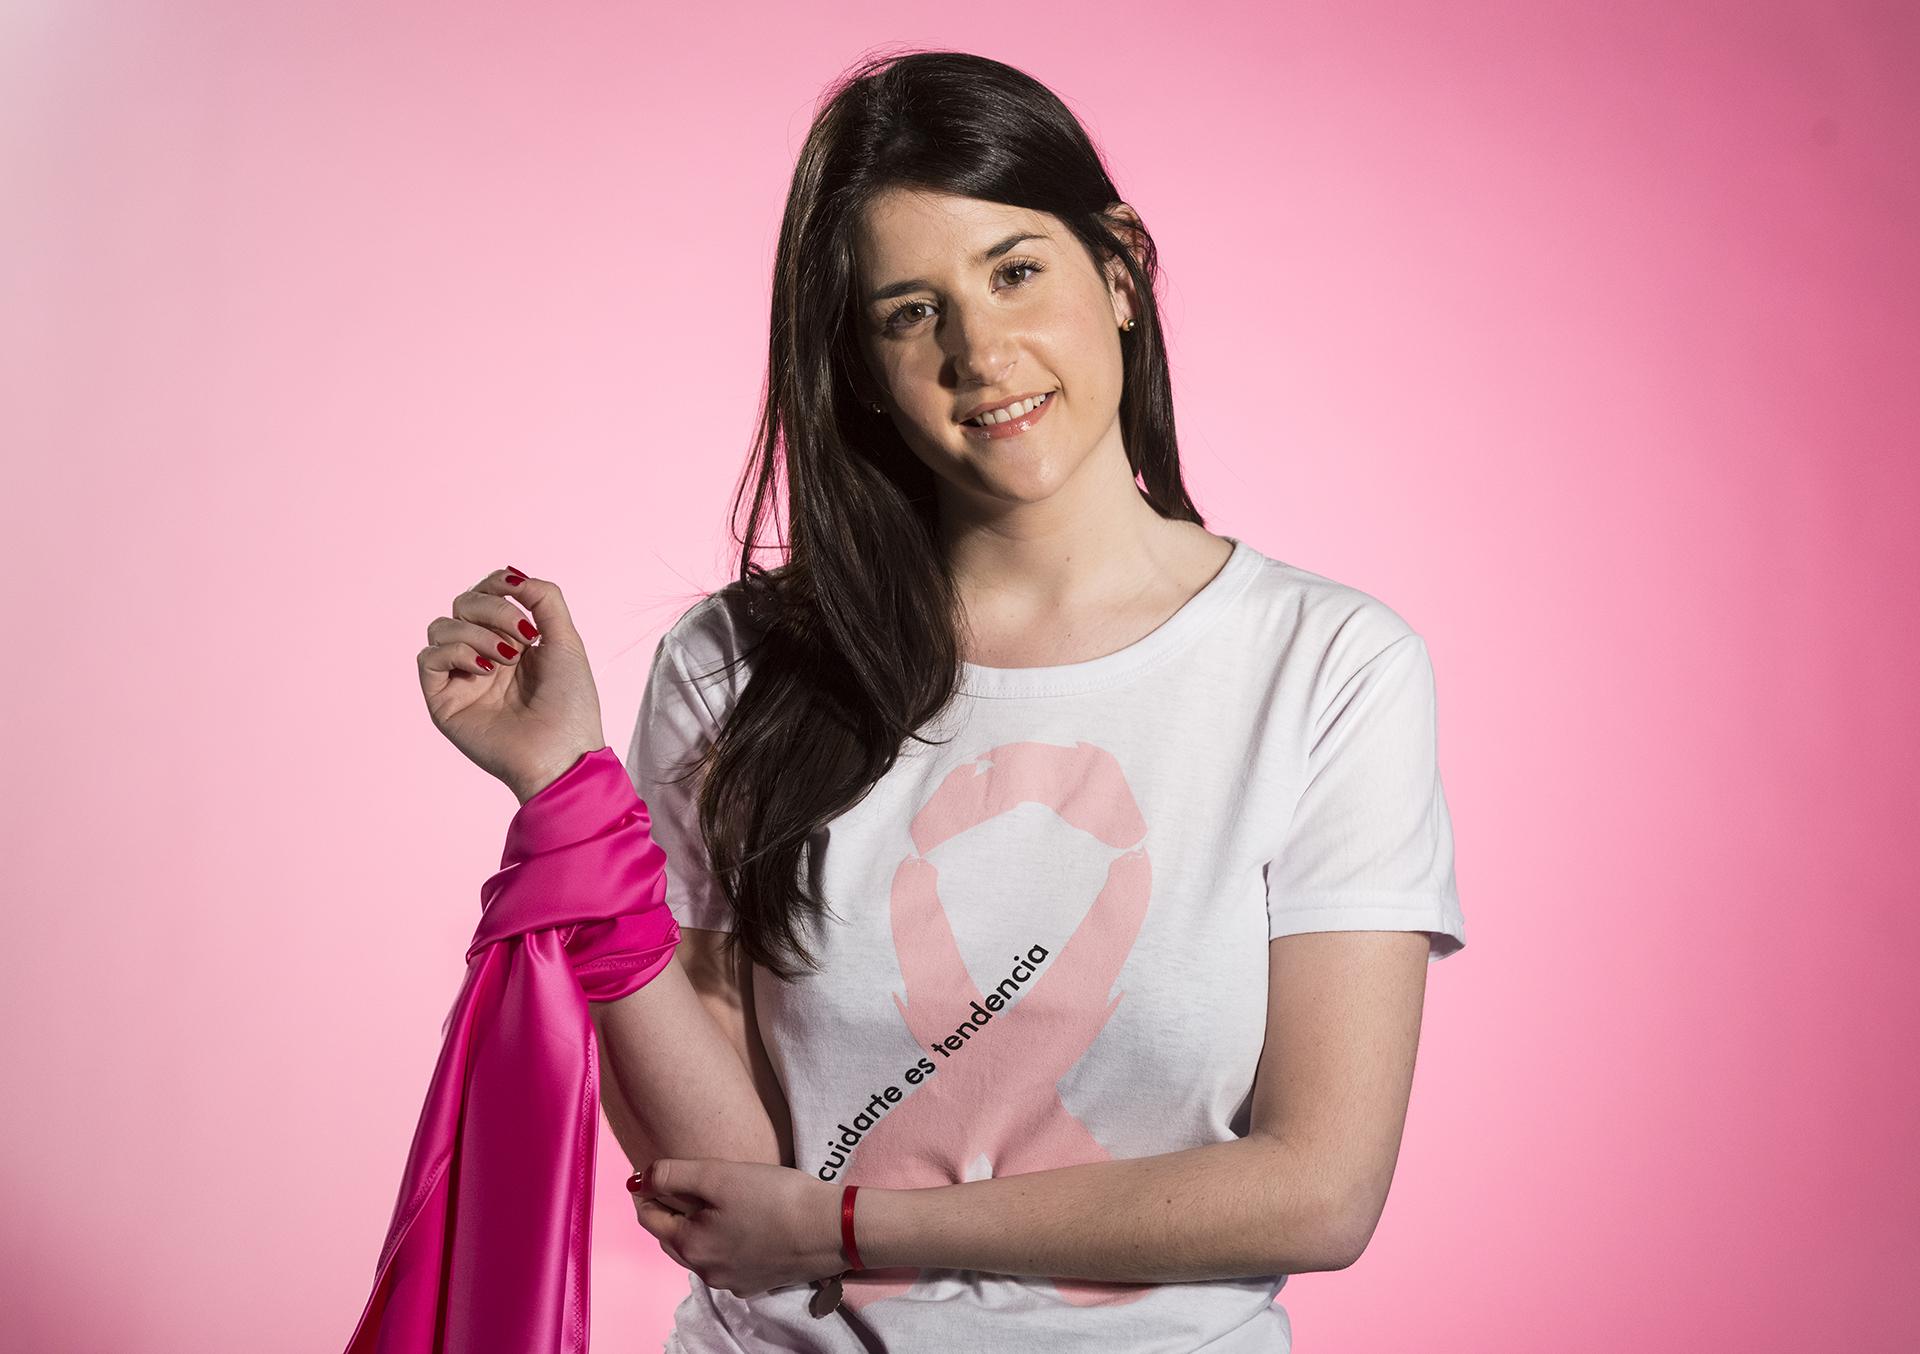 """Victoria Becci -diseñadora e influencer fashionista- le tiene """"respeto"""" al cáncer de mama. Su madre lo atravesó, y hoy buscar dar visibilidad con su participación"""